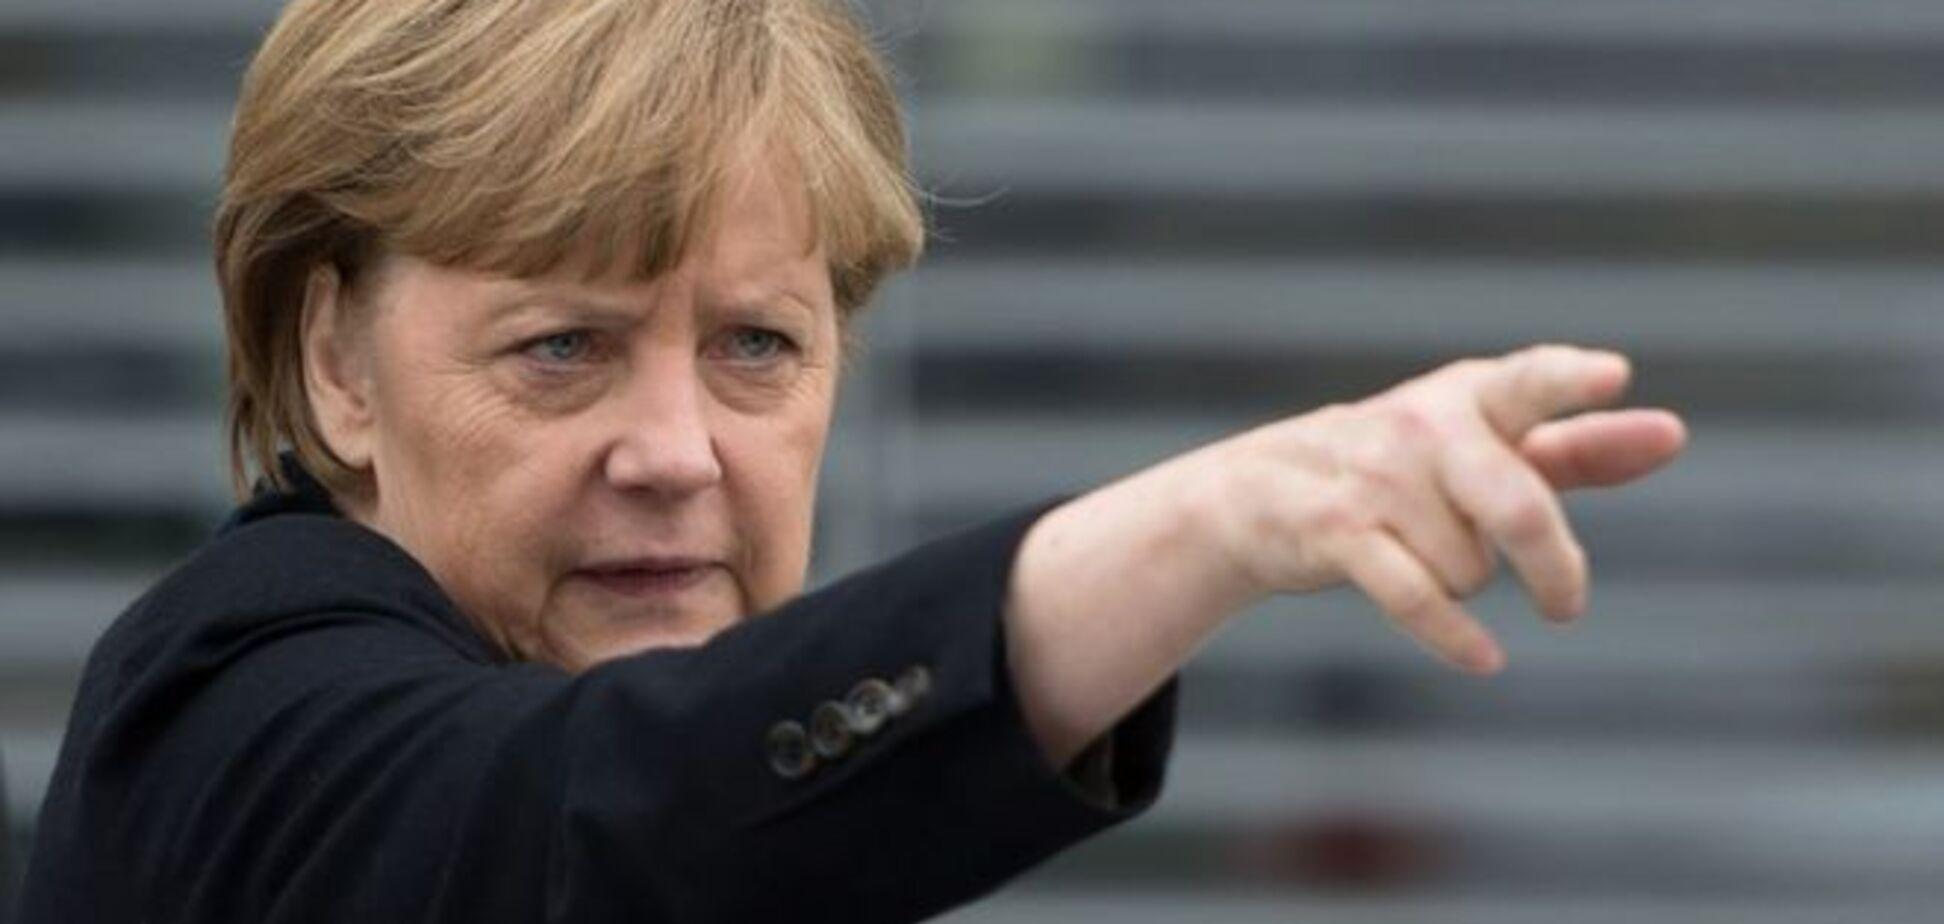 Взрыв мозга. 'Дружелюбные' боевики 'ДНР' поздравили Меркель с 8 Марта